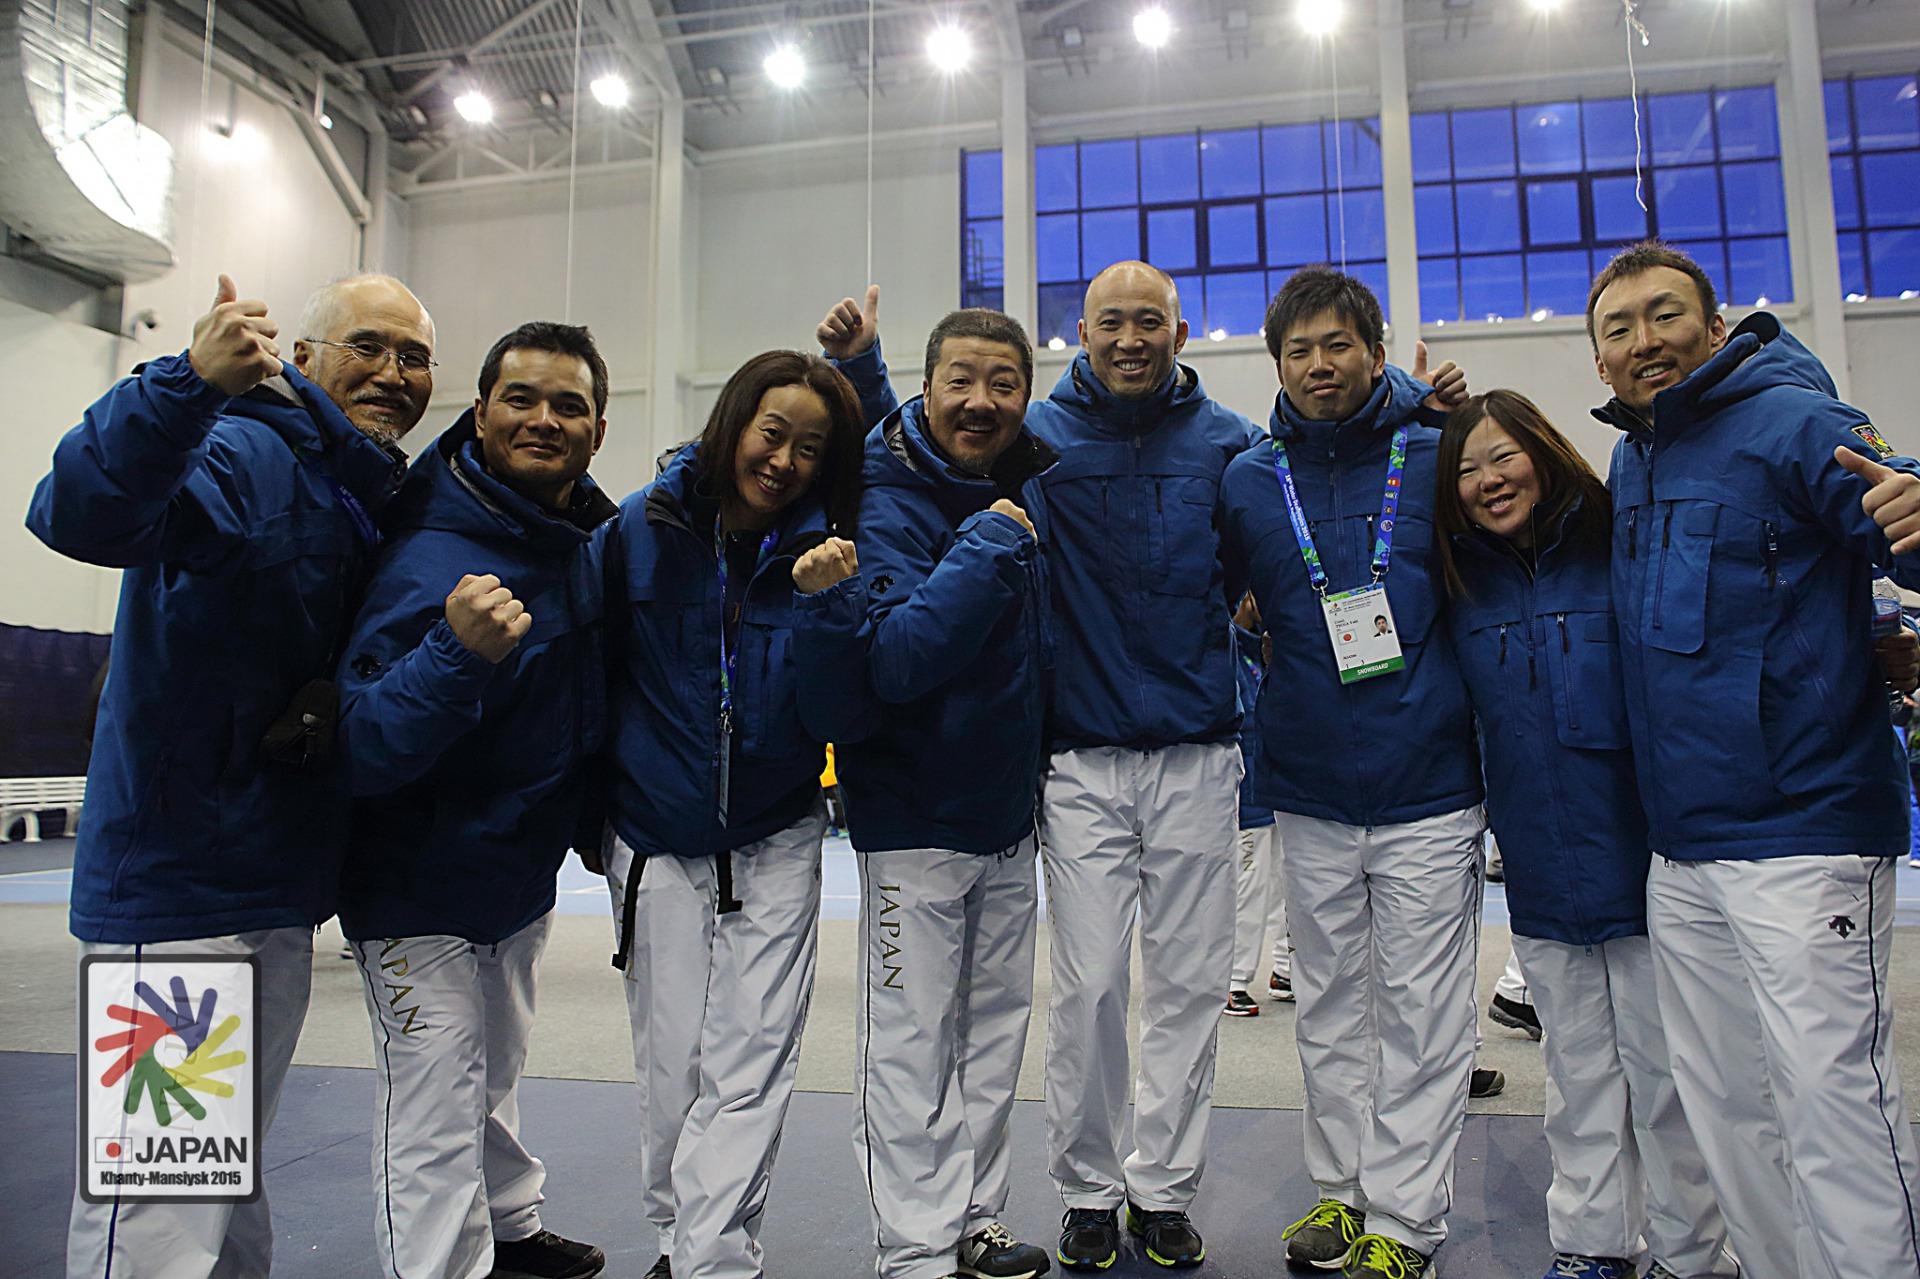 帝京平成大学津賀裕喜助教がデフリンピック大会にアスレティックトレーナーとして参加し、選手のサポートを行う